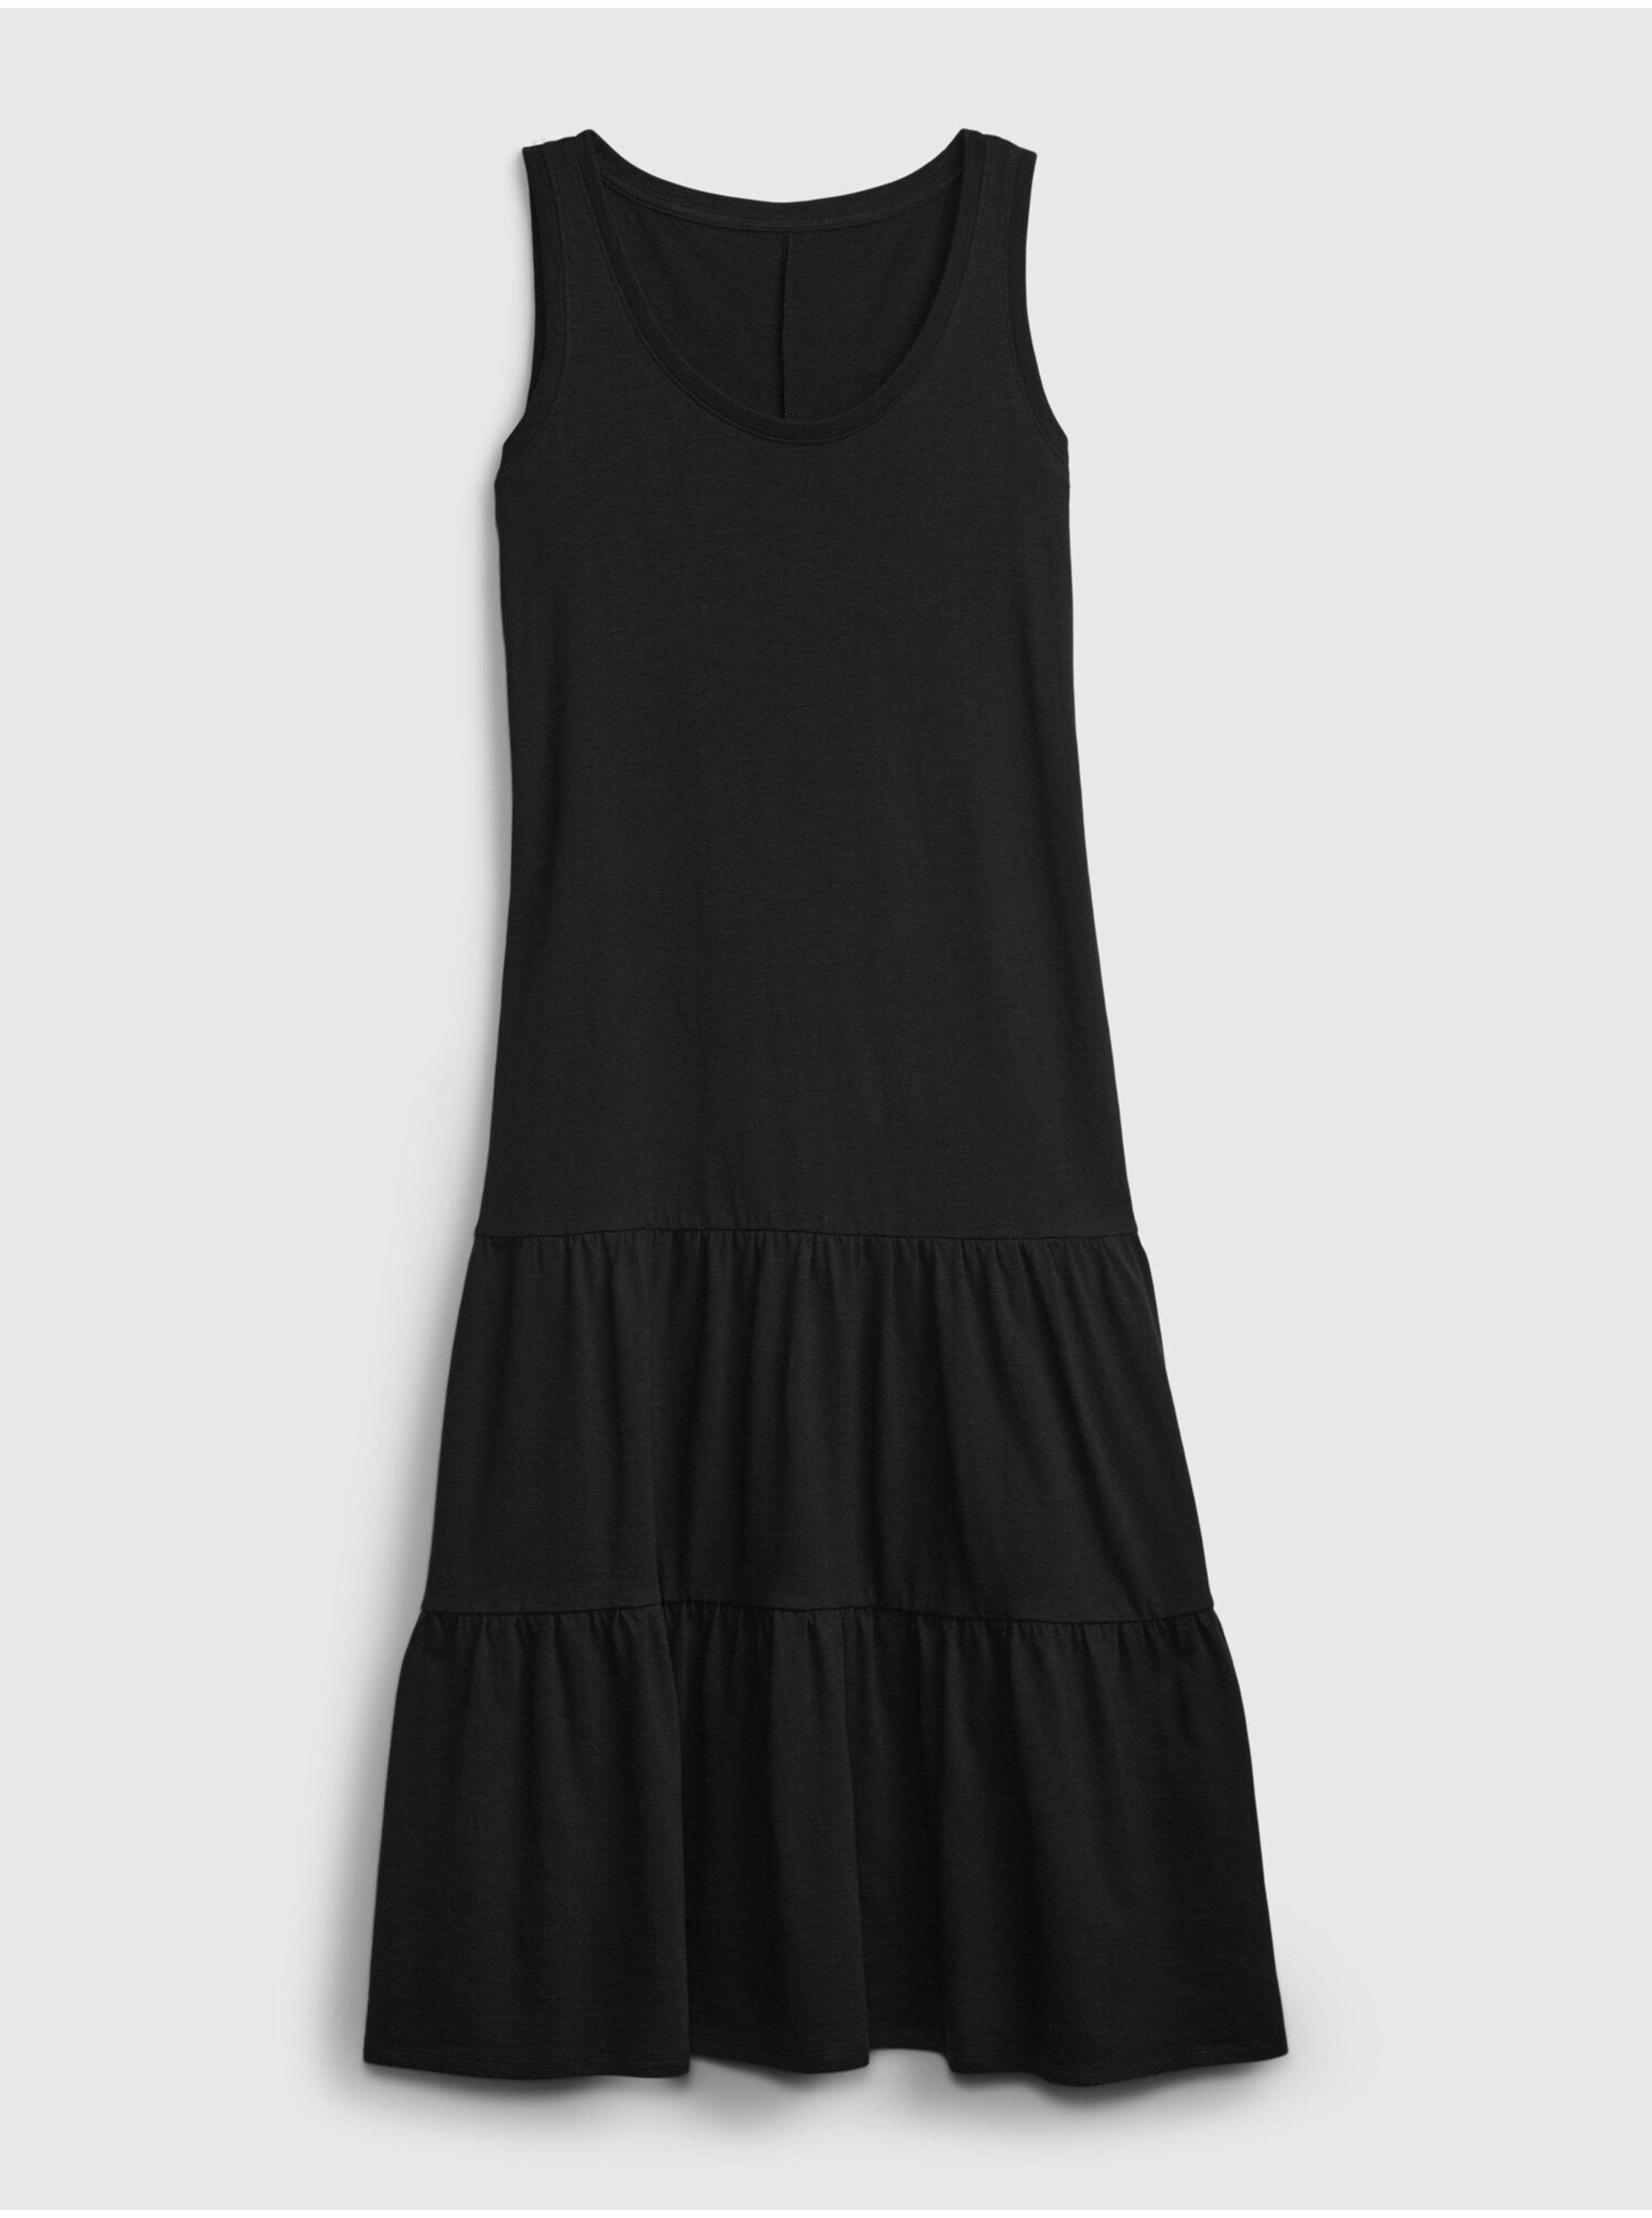 E-shop Černé dámské šaty sl tiered maxi